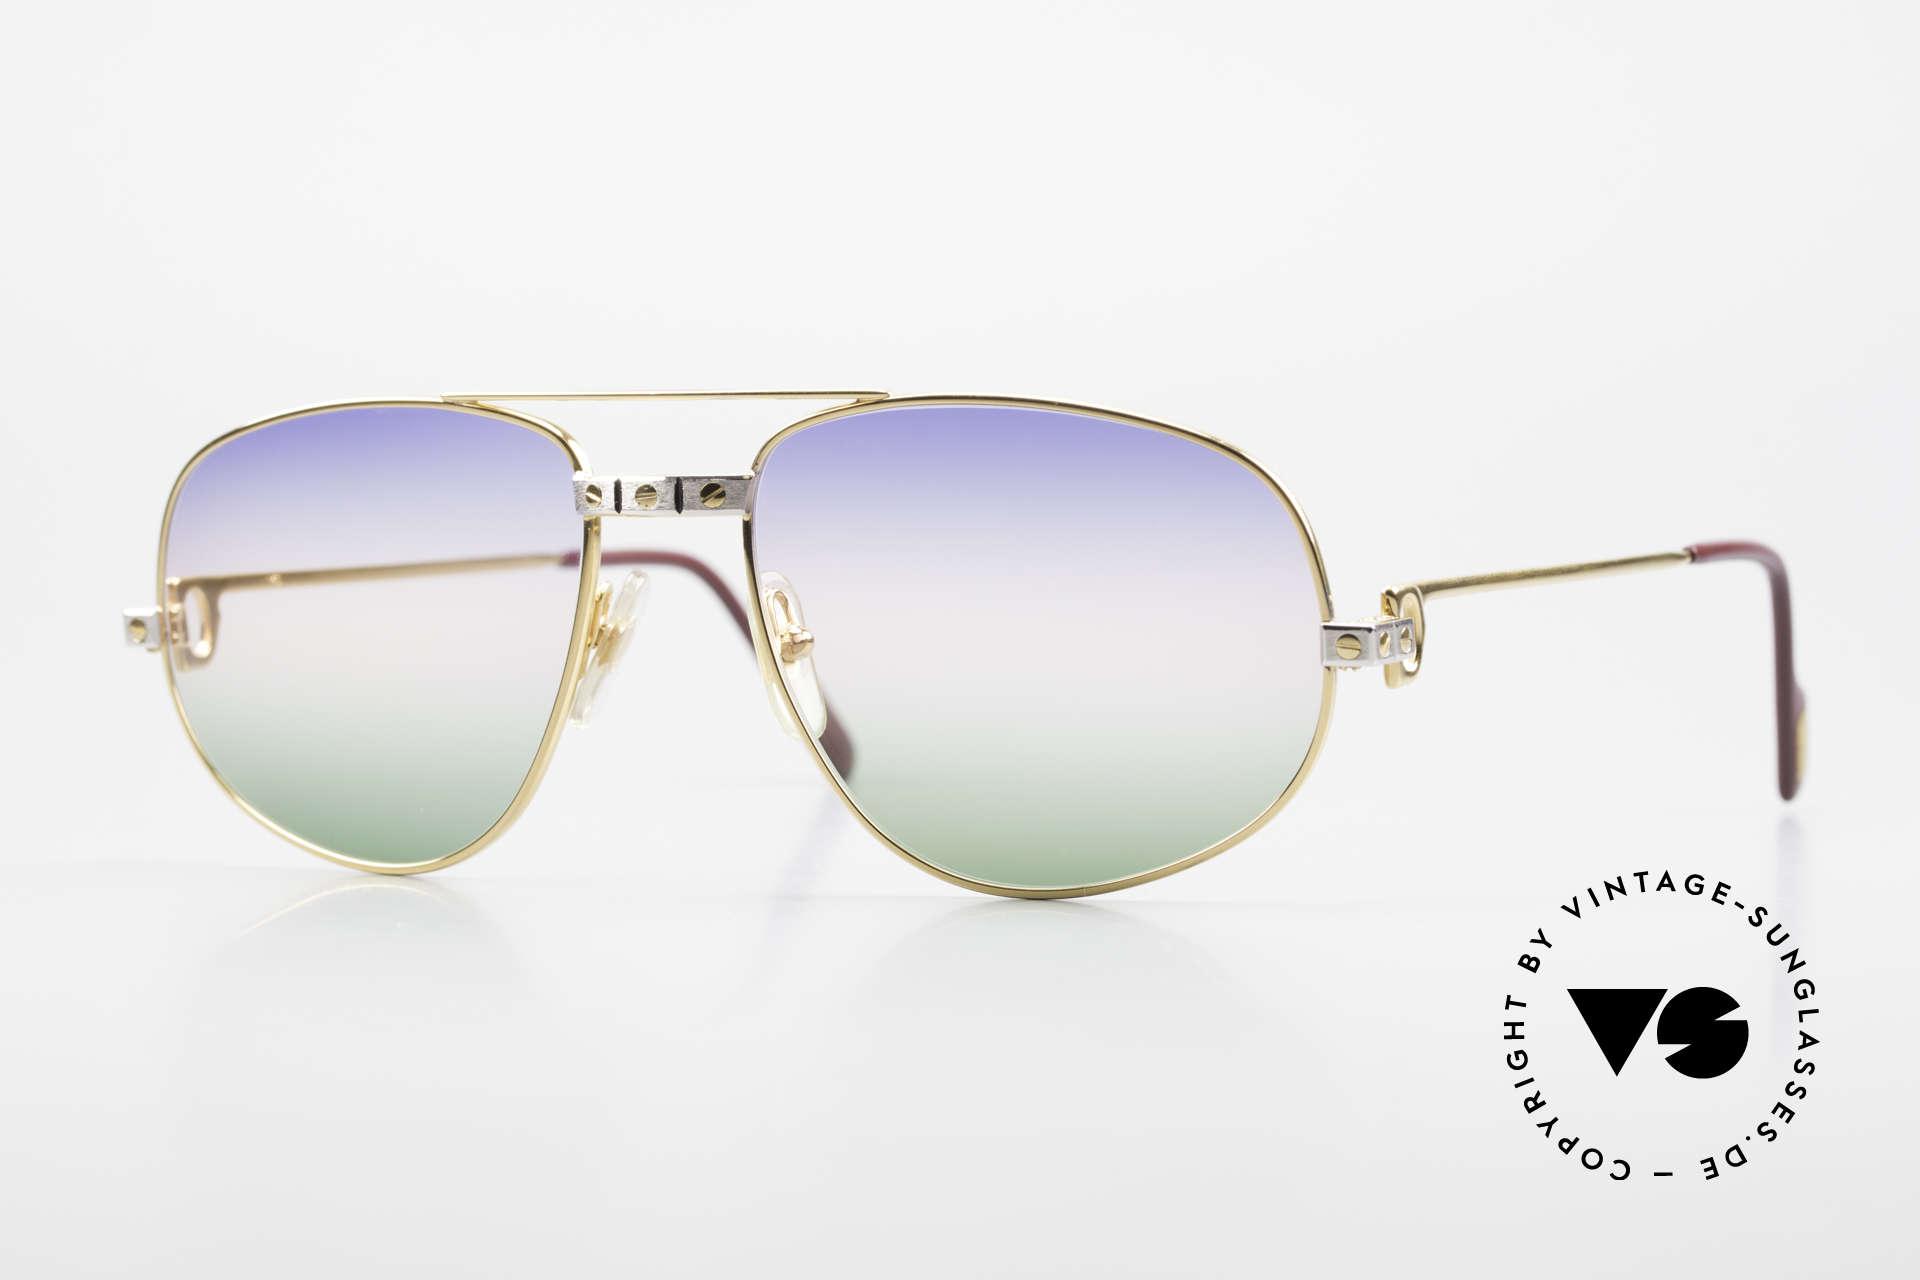 Cartier Romance Santos - L Luxus Vintage Sonnenbrille, vintage CARTIER Luxus-Sonnenbrille; Modell ROMANCE, Passend für Herren